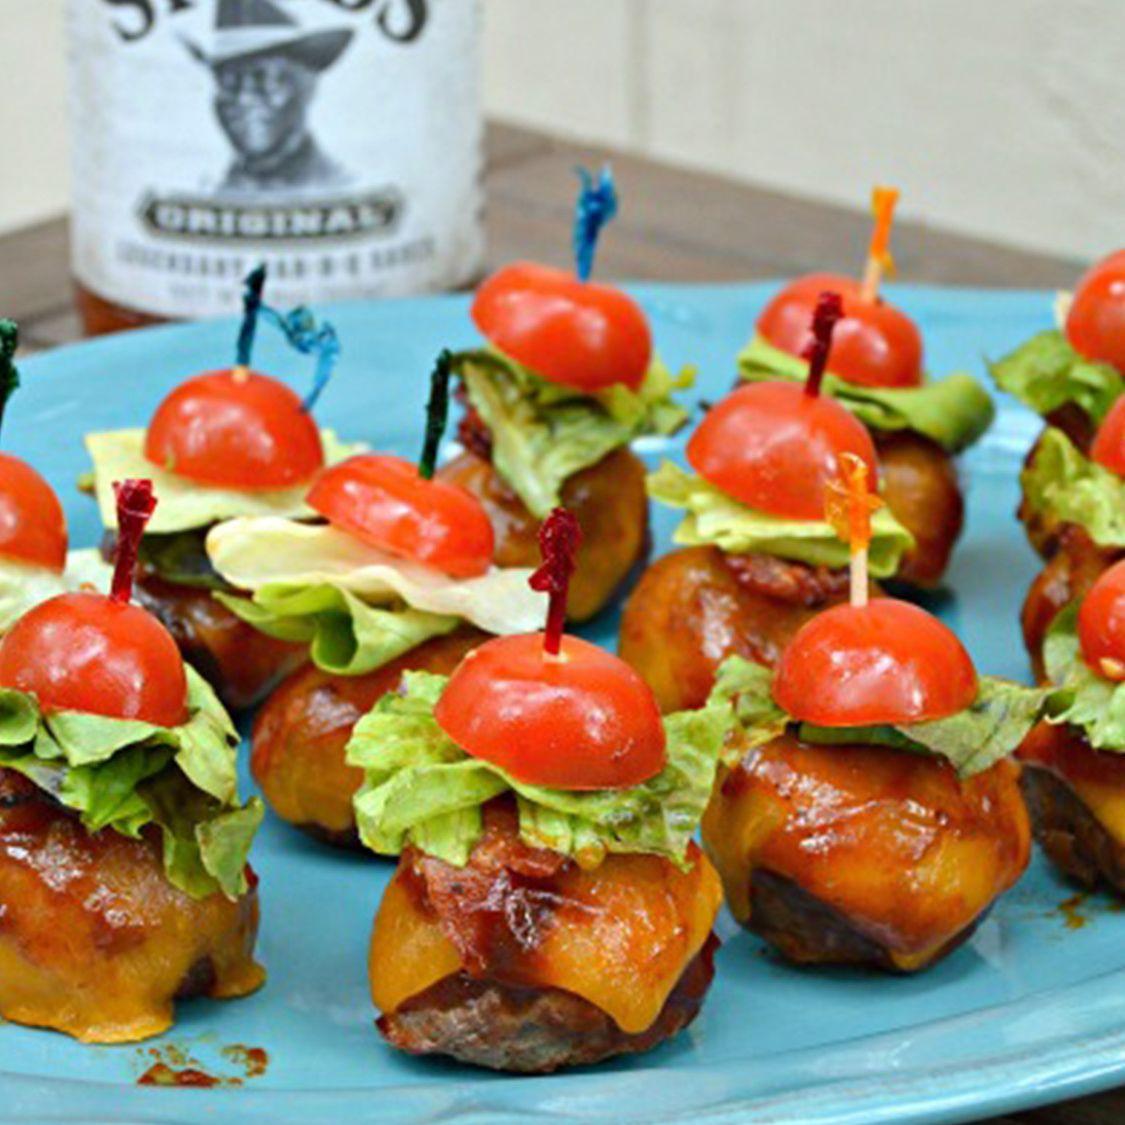 barbq_bacon_burger_skewers.jpg